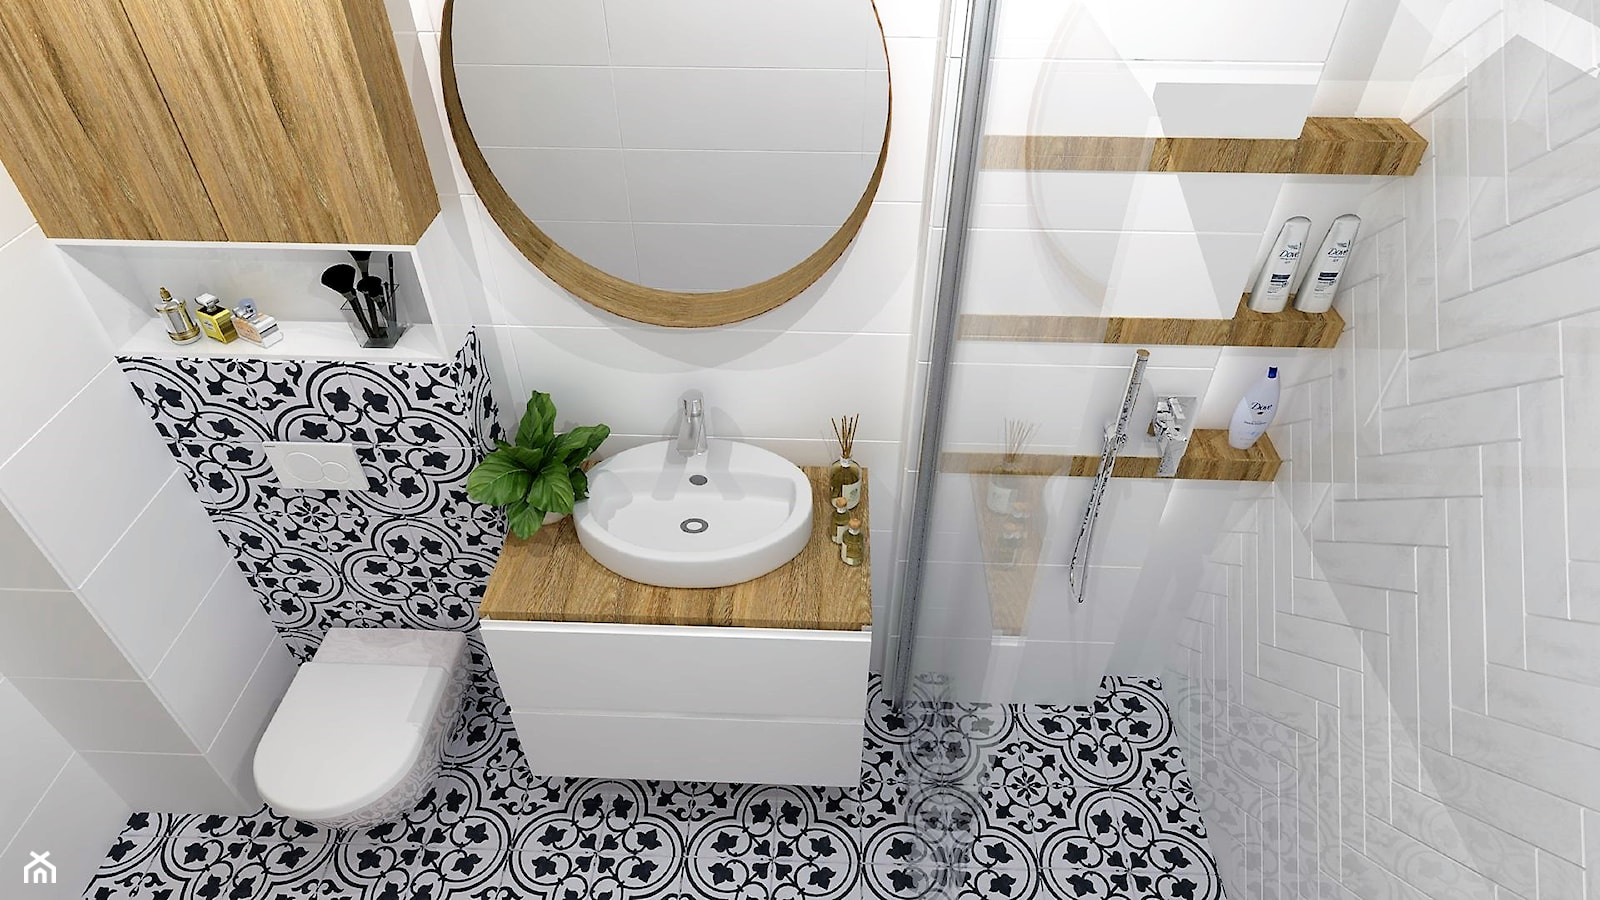 OTULONE DREWNEM - Średnia łazienka w bloku w domu jednorodzinnym bez okna, styl nowoczesny - zdjęcie od j.MI - Homebook